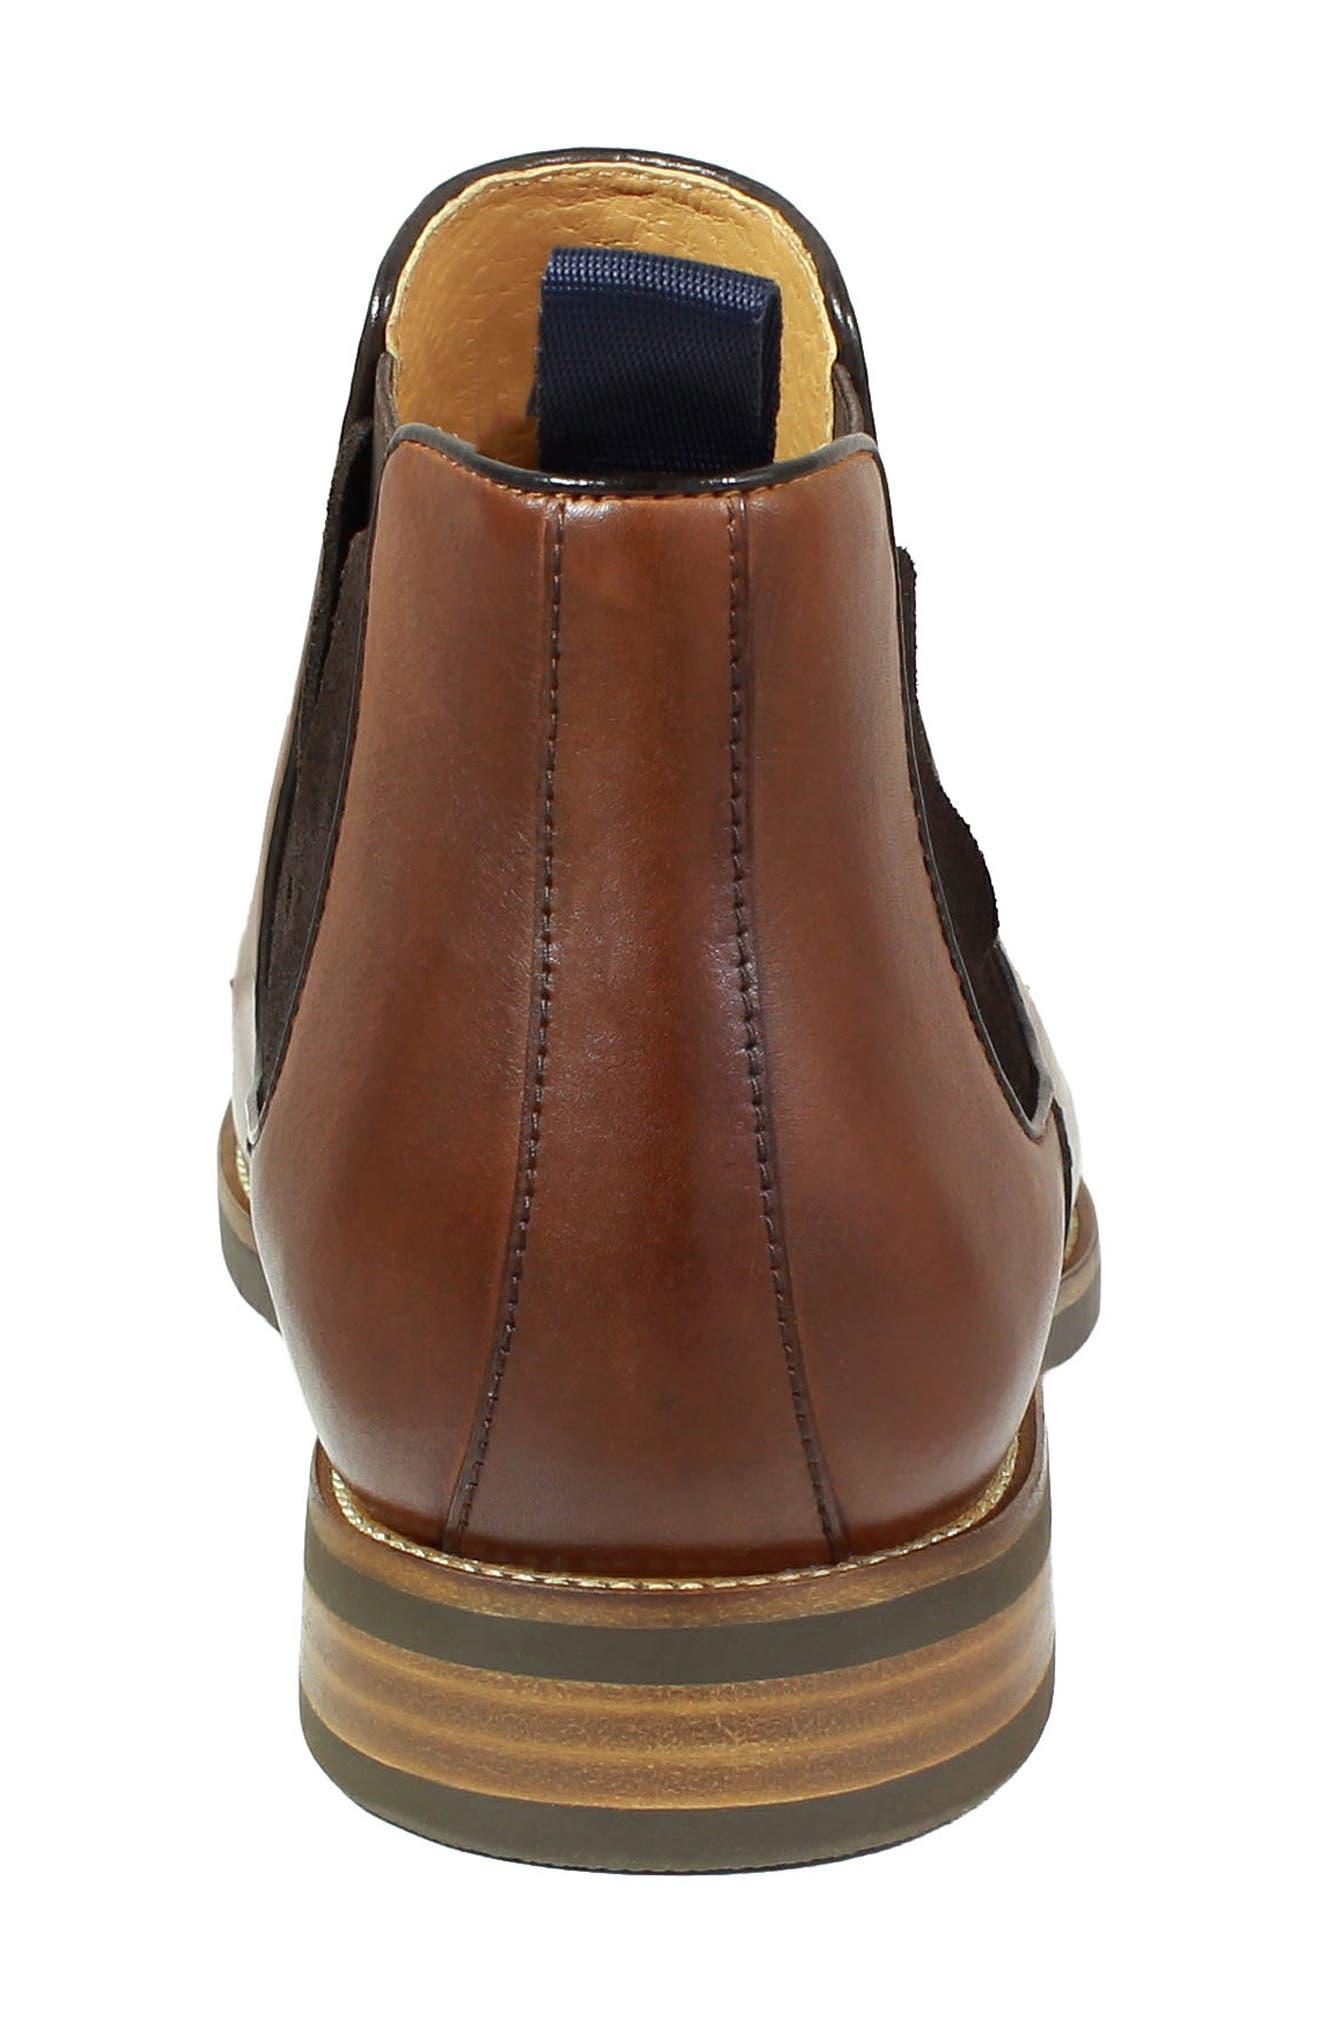 FLORSHEIM, Uptown Plain Toe Mid Chelsea Boot, Alternate thumbnail 7, color, COGNAC LEATHER